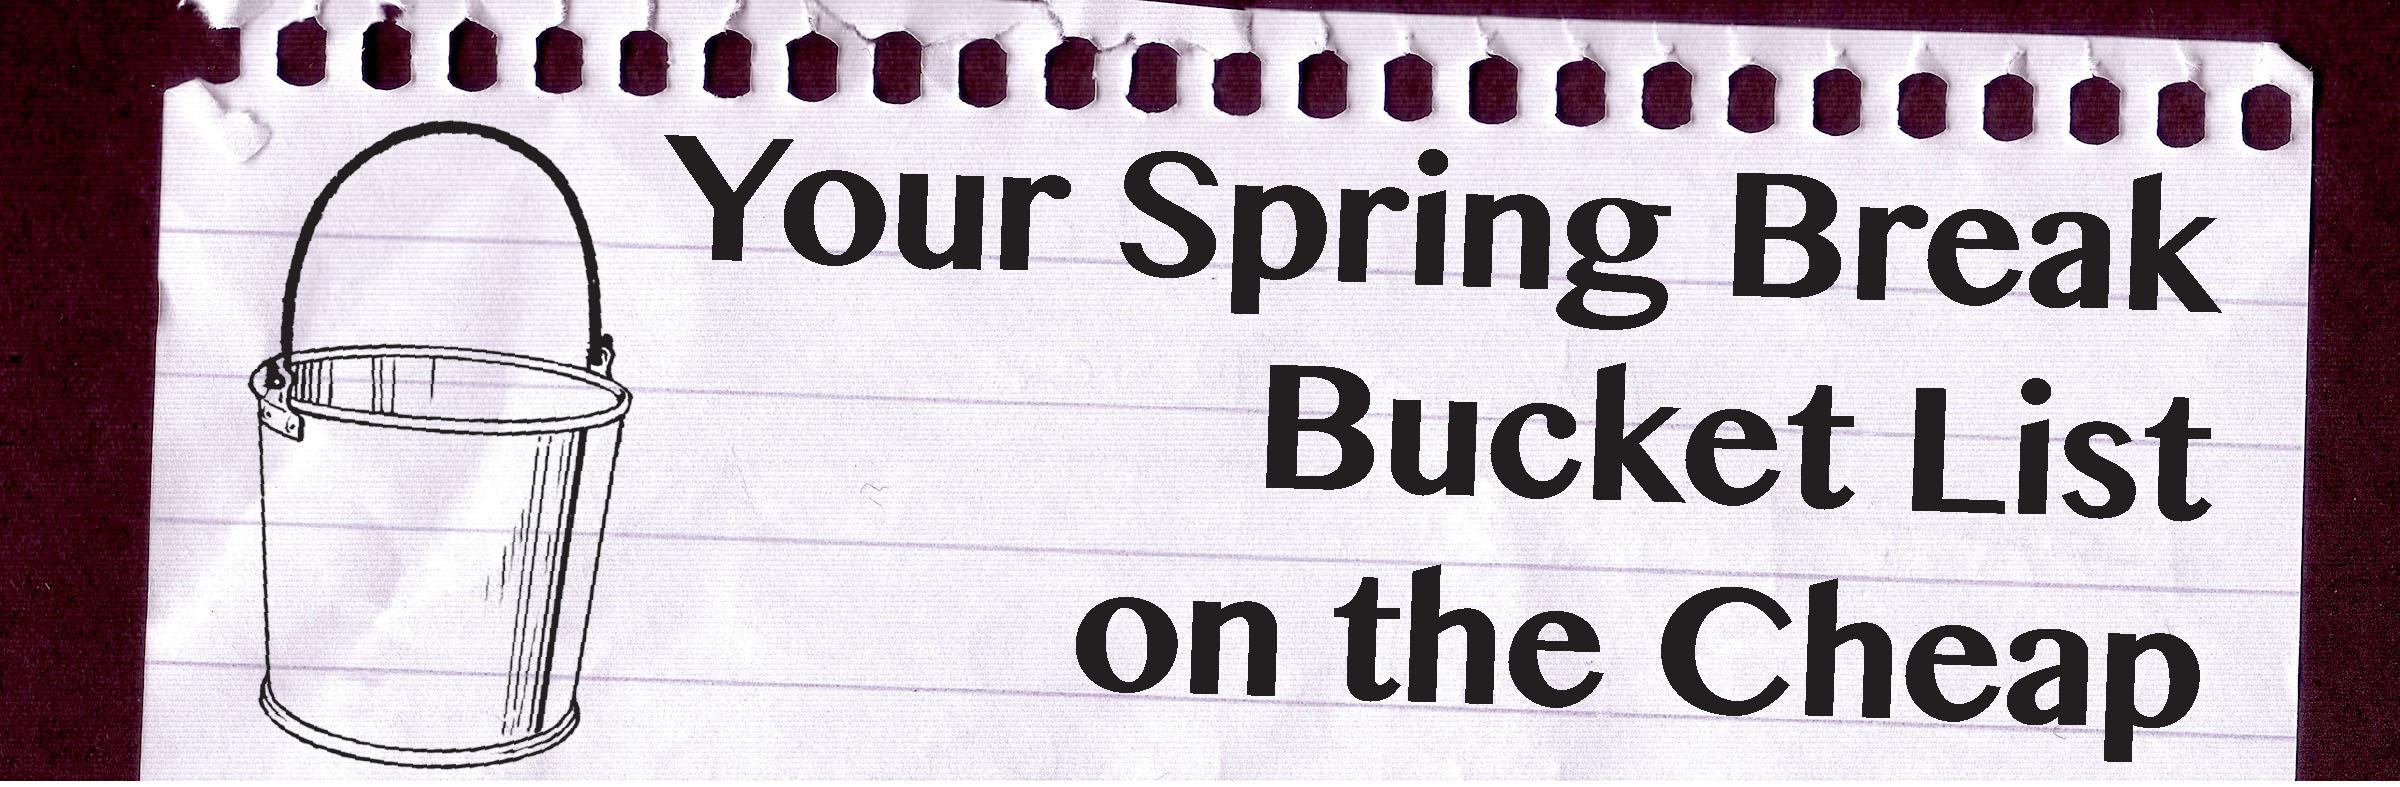 spring break banner.jpg